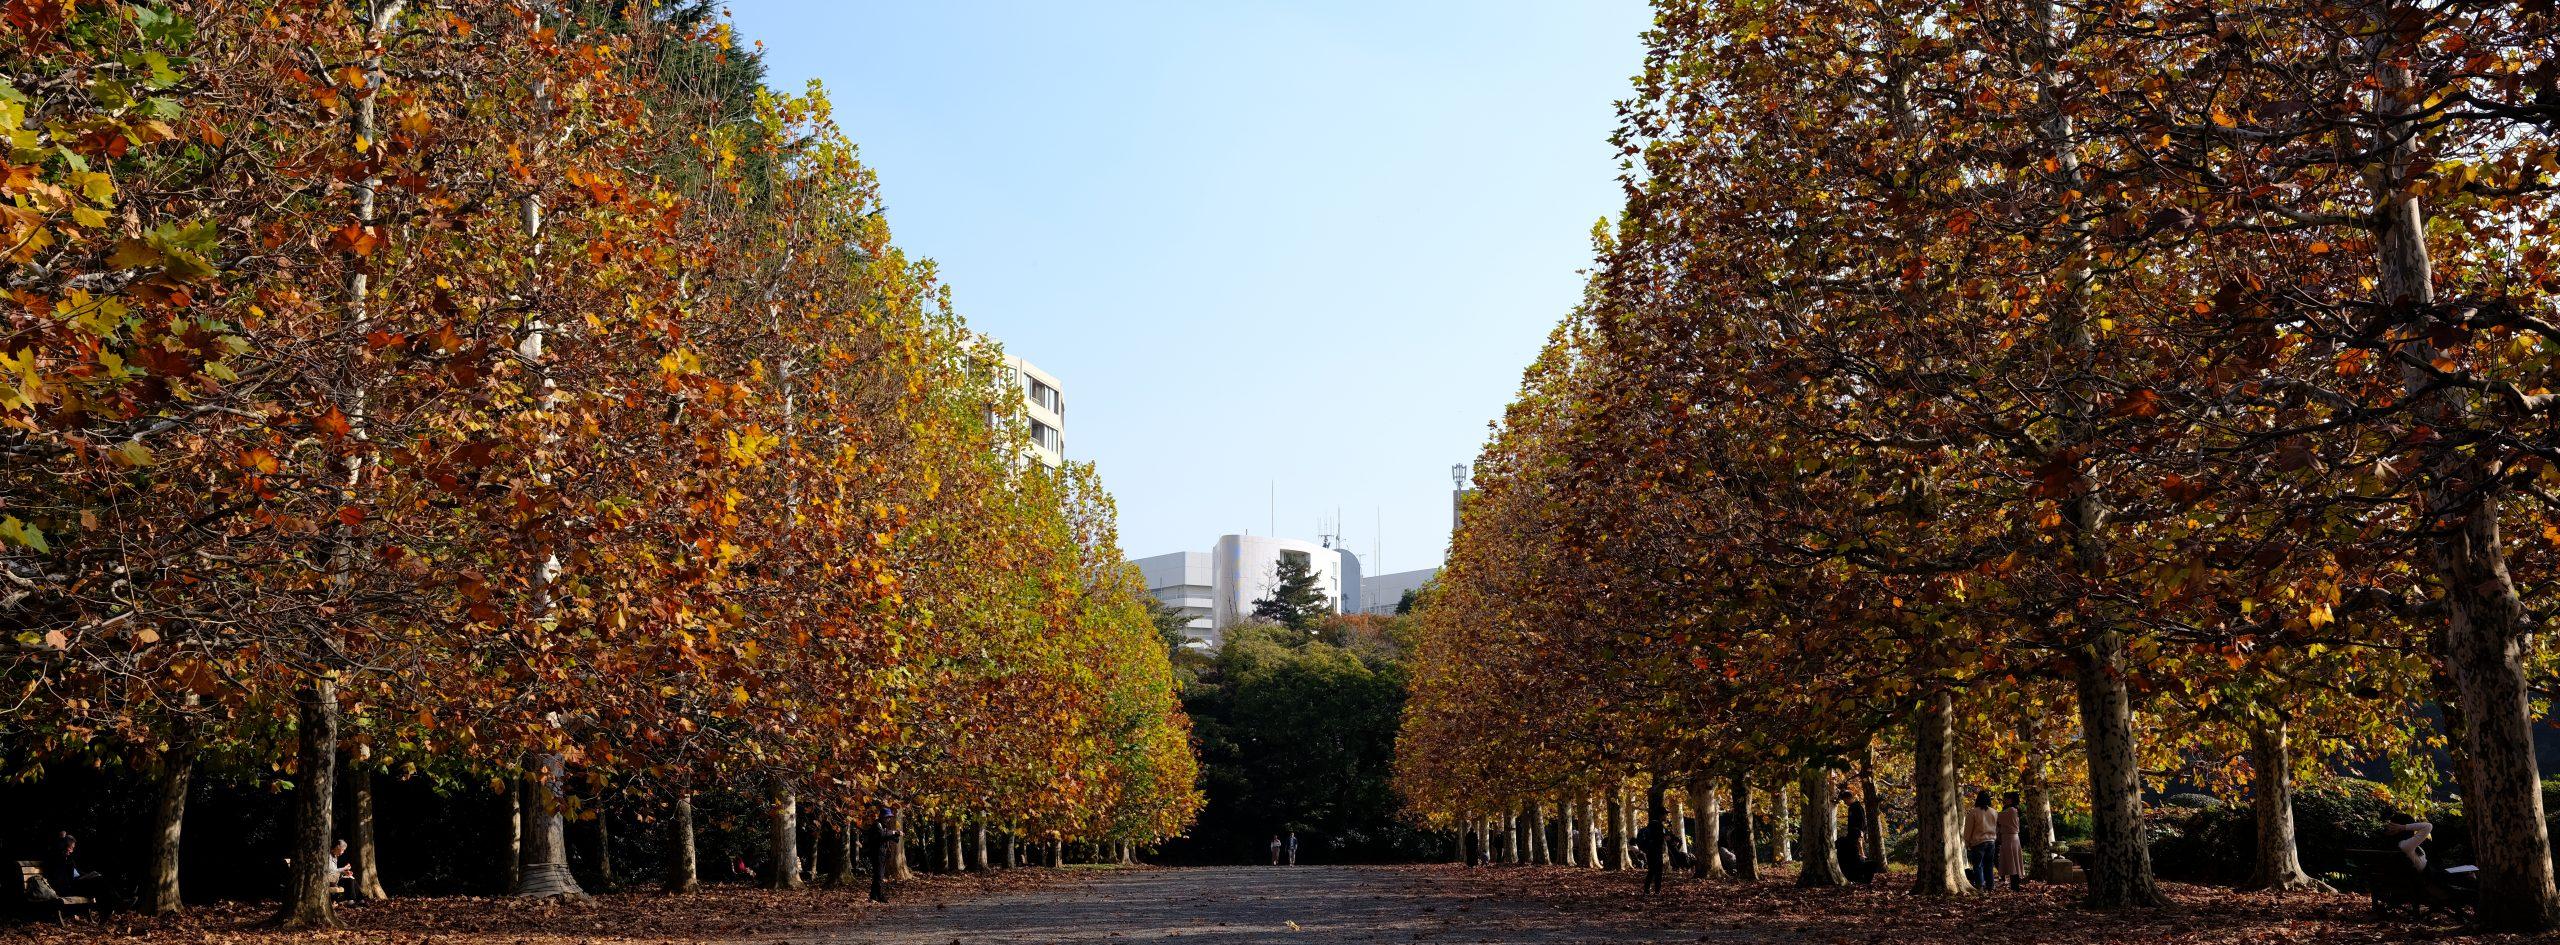 【秋、色撮りどり】FUJIFILM GFX 50Rに思いを馳せる